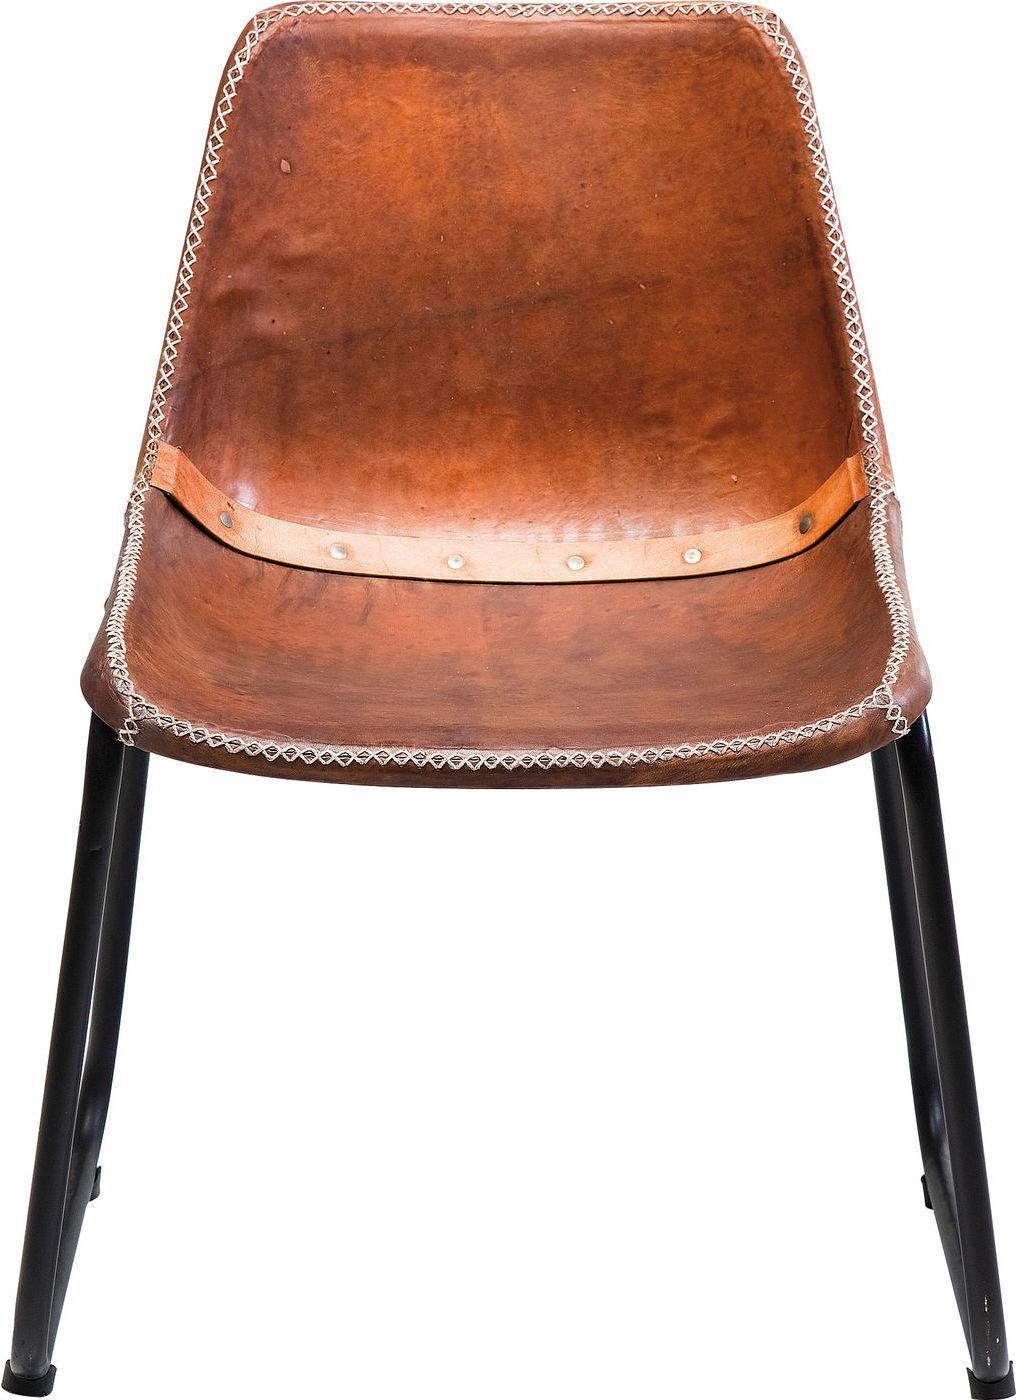 Stuhl vintage brown leather kare design kaufen for Kare design stuhl louis